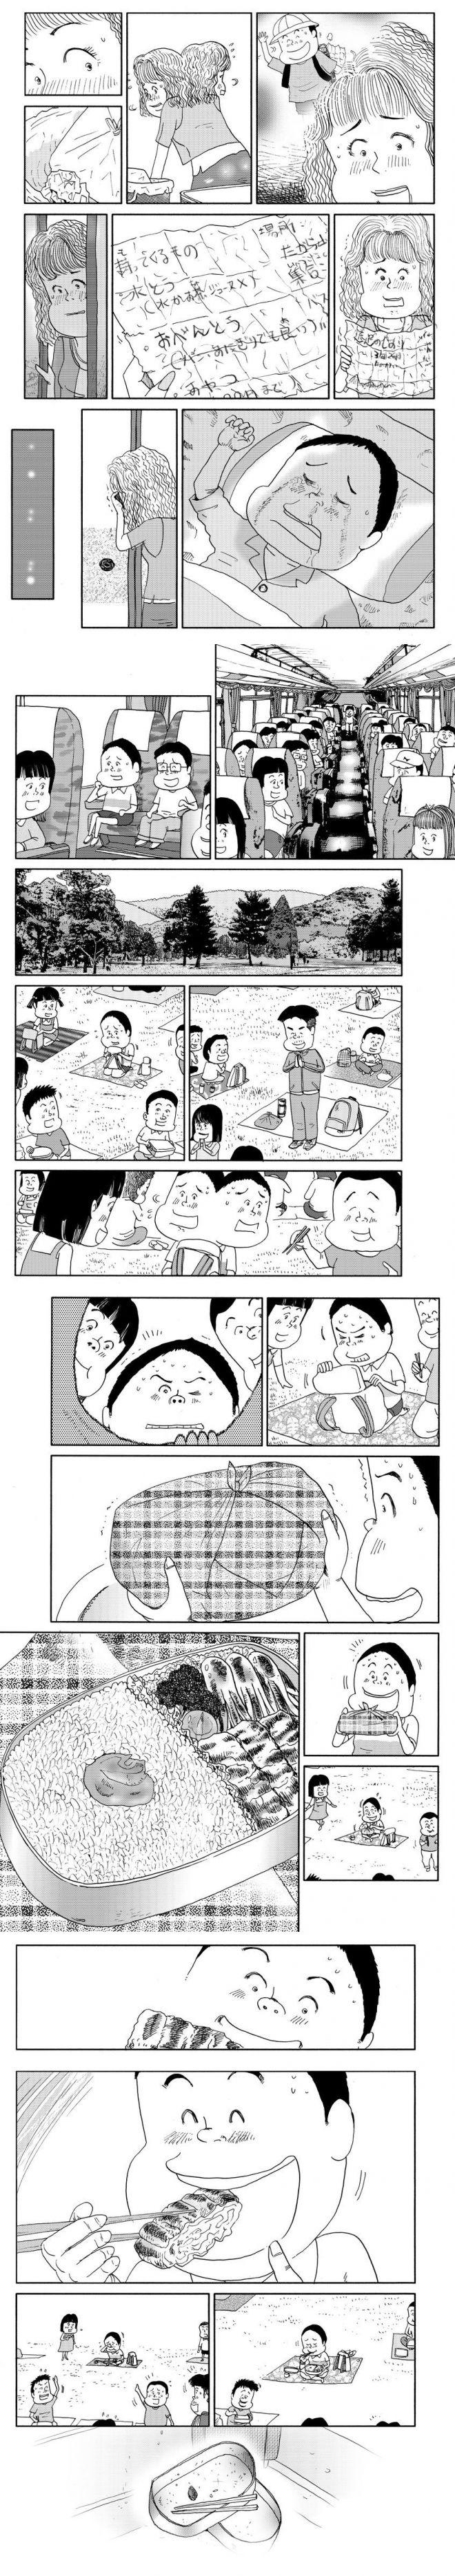 漫画「しあわせゴハン『お弁当』」